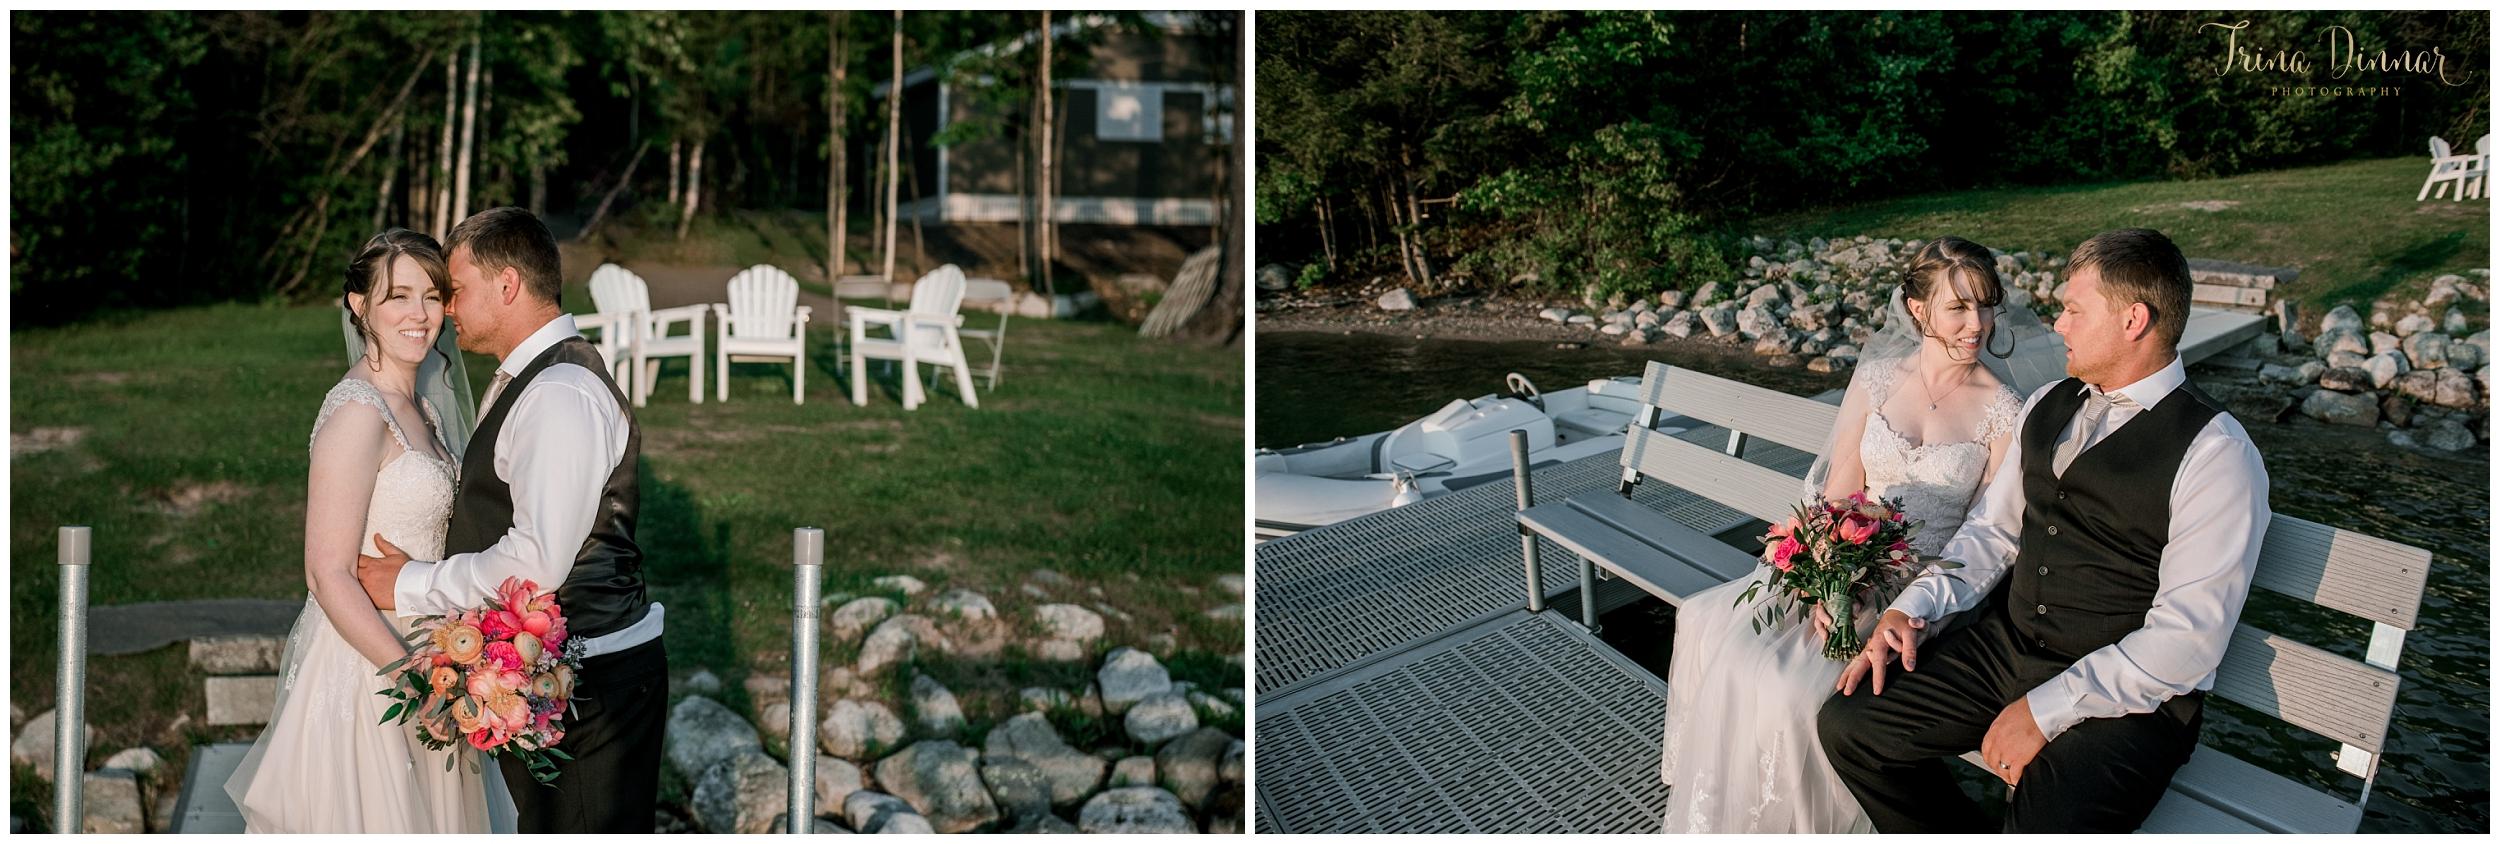 Maine Lakefront wedding at Sebago Lake Standish